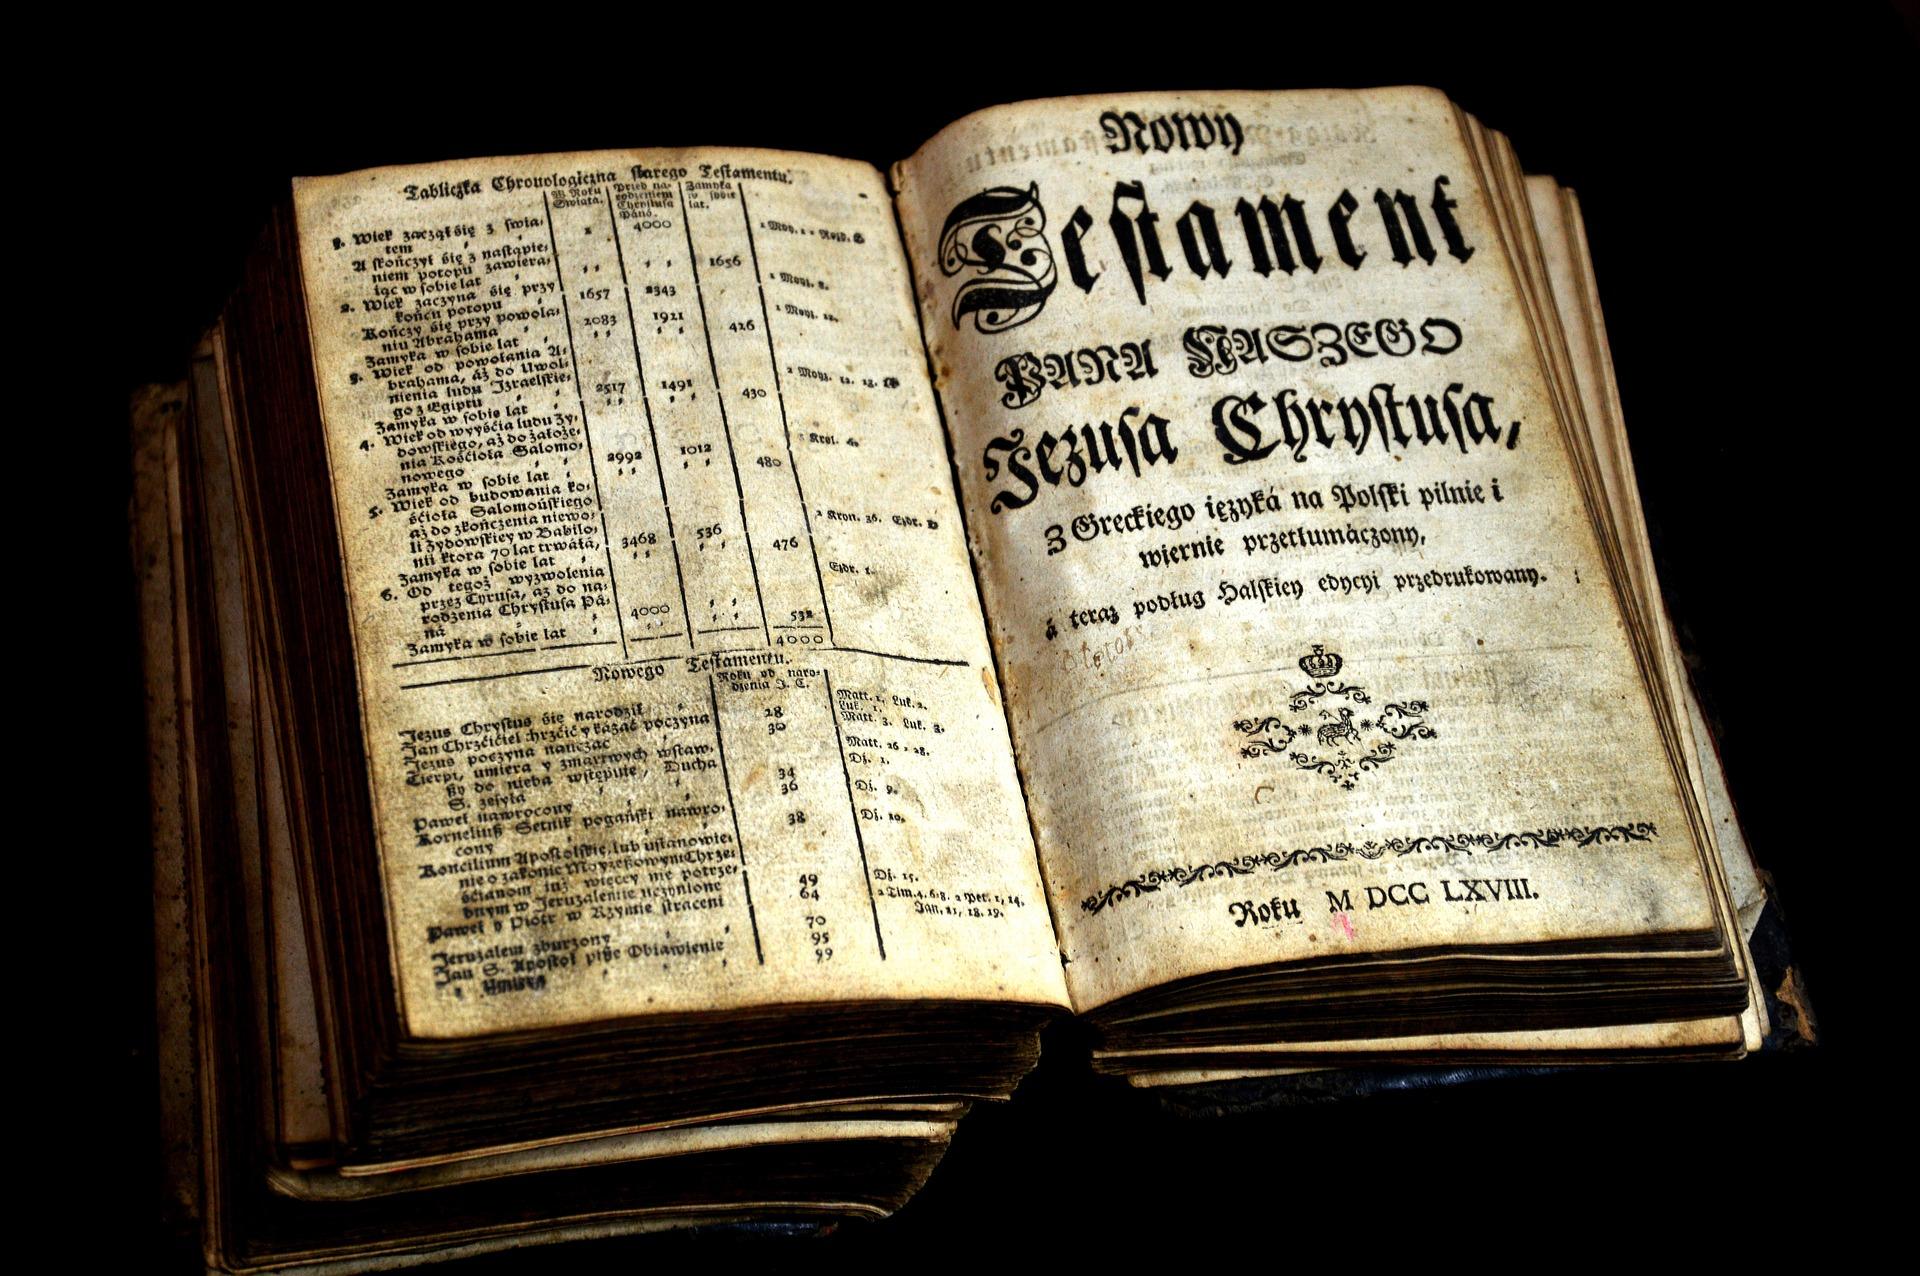 juridik_testamente_evighetens_vila_begravningsbyrå